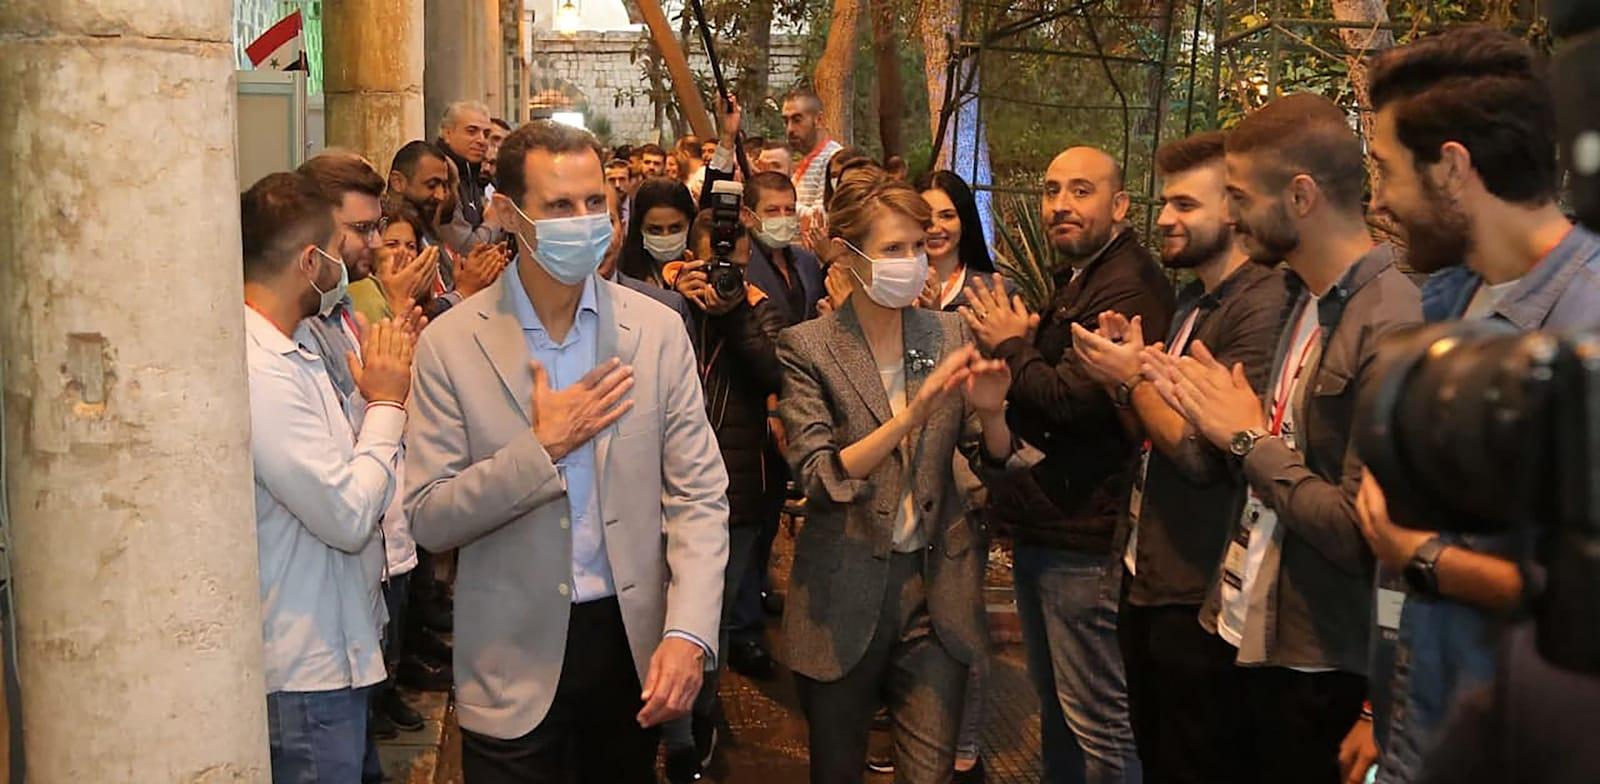 נשיא סוריה בשאר אל אסד ואישתו אסמה מבקרים בעלי עסקים בזמן הקורונה / צילום: Reuters, SalamPix/ABACAPRESS.COM